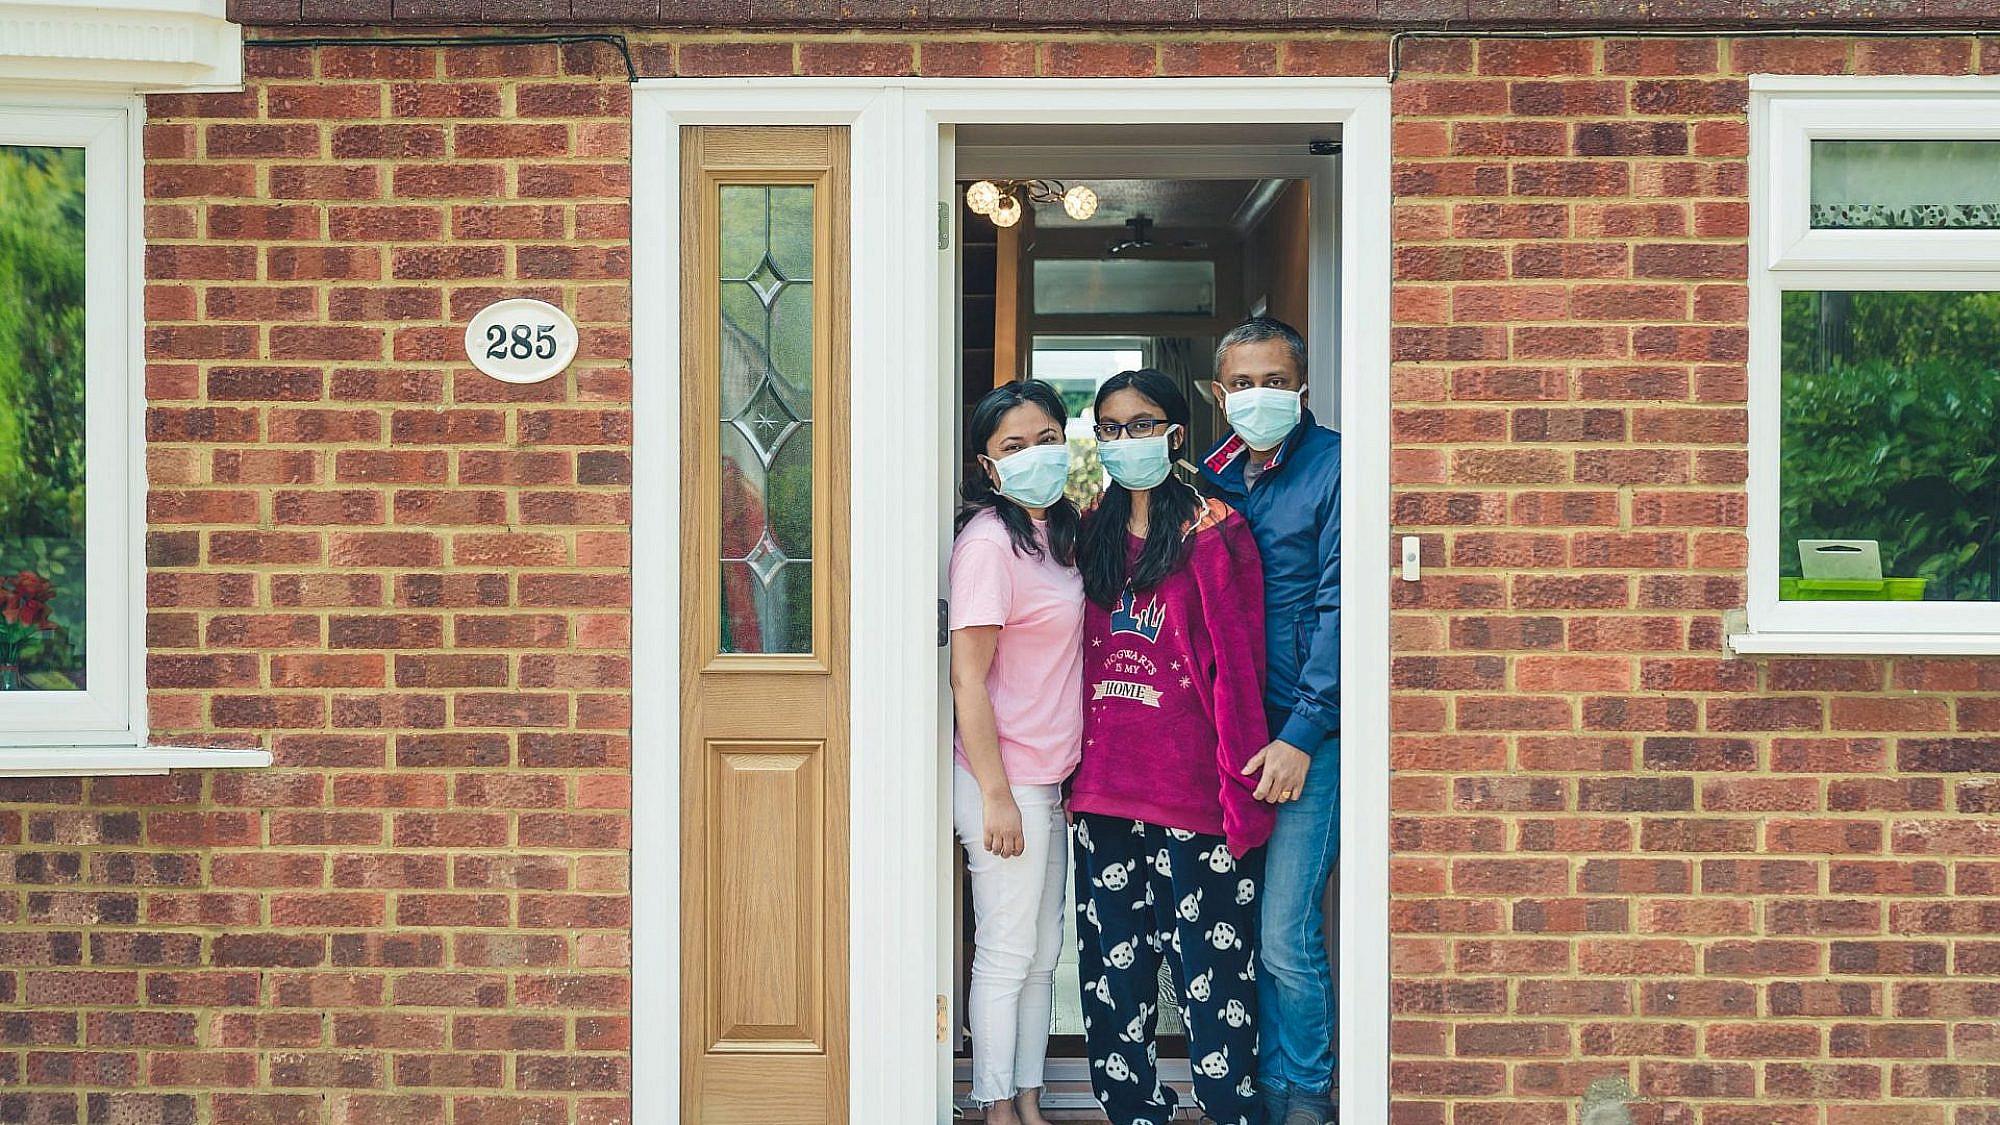 דור Door to. צילום: תמי שפלר קזדן, ווקינגהאם, אנגליה